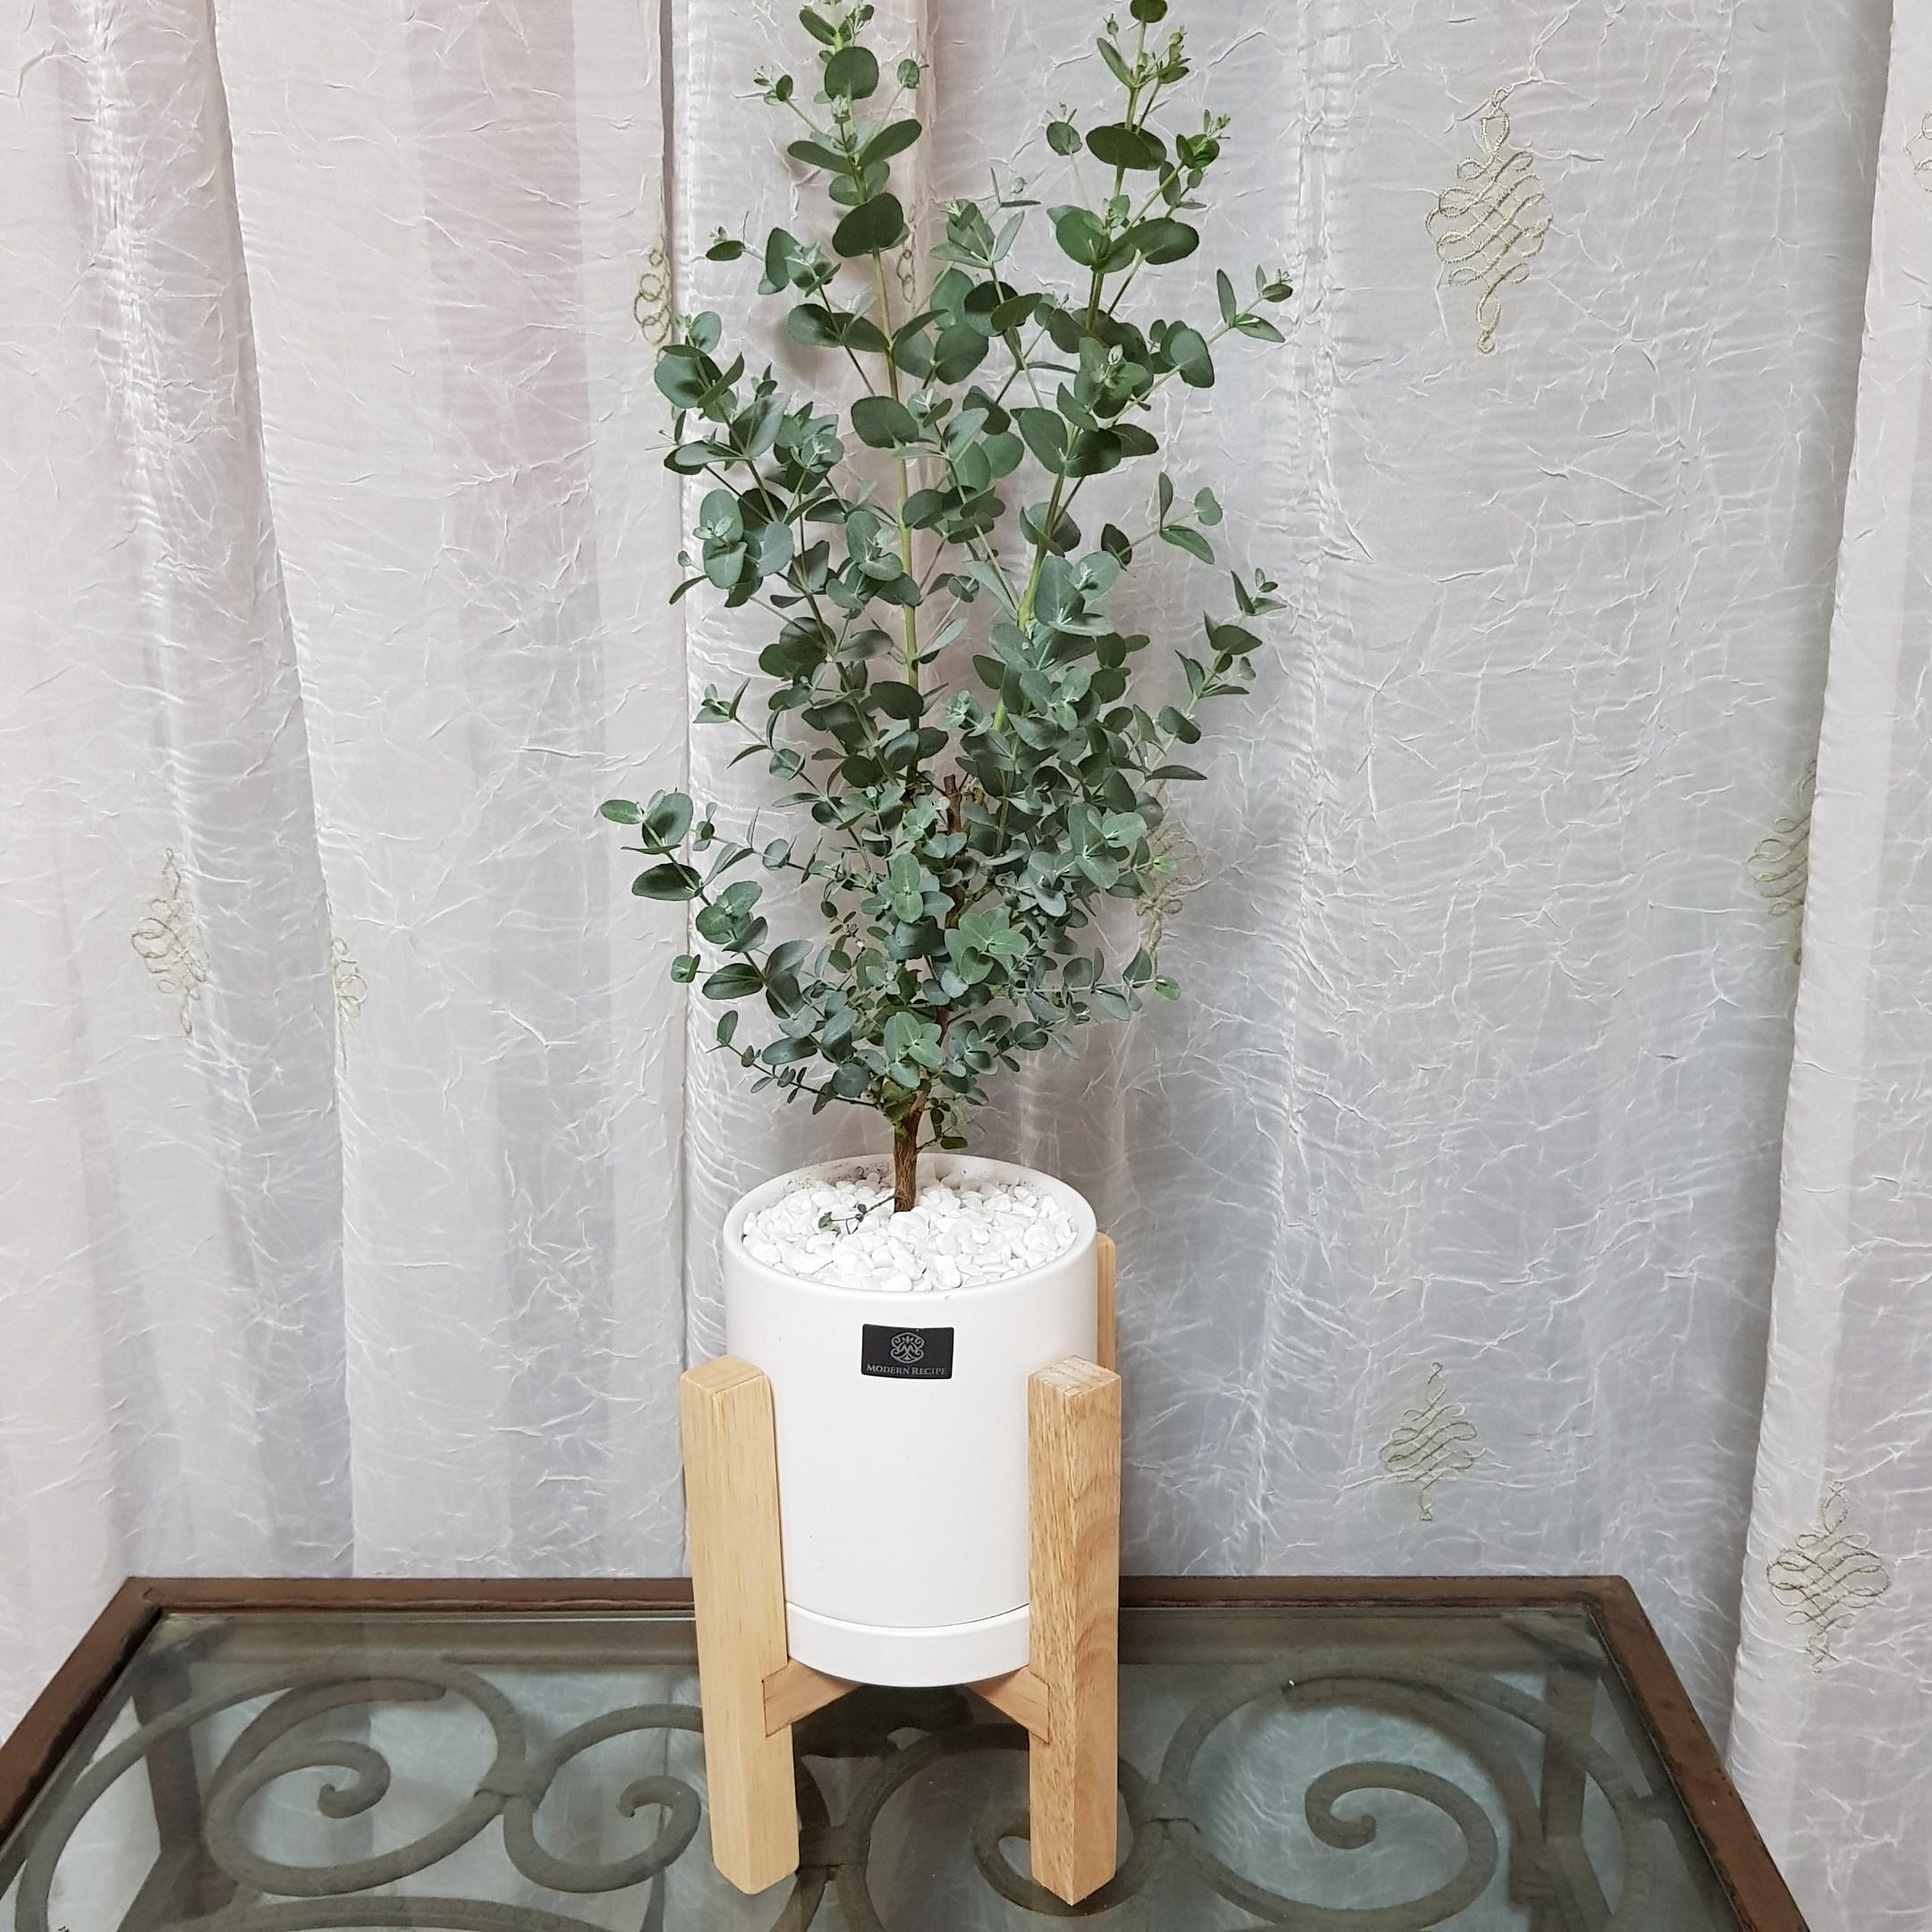 베스트플랜트 공기정화식물 키우기 쉬운 반려식물 소품 우드스탠드, 유칼립투스화이트+우드스탠드